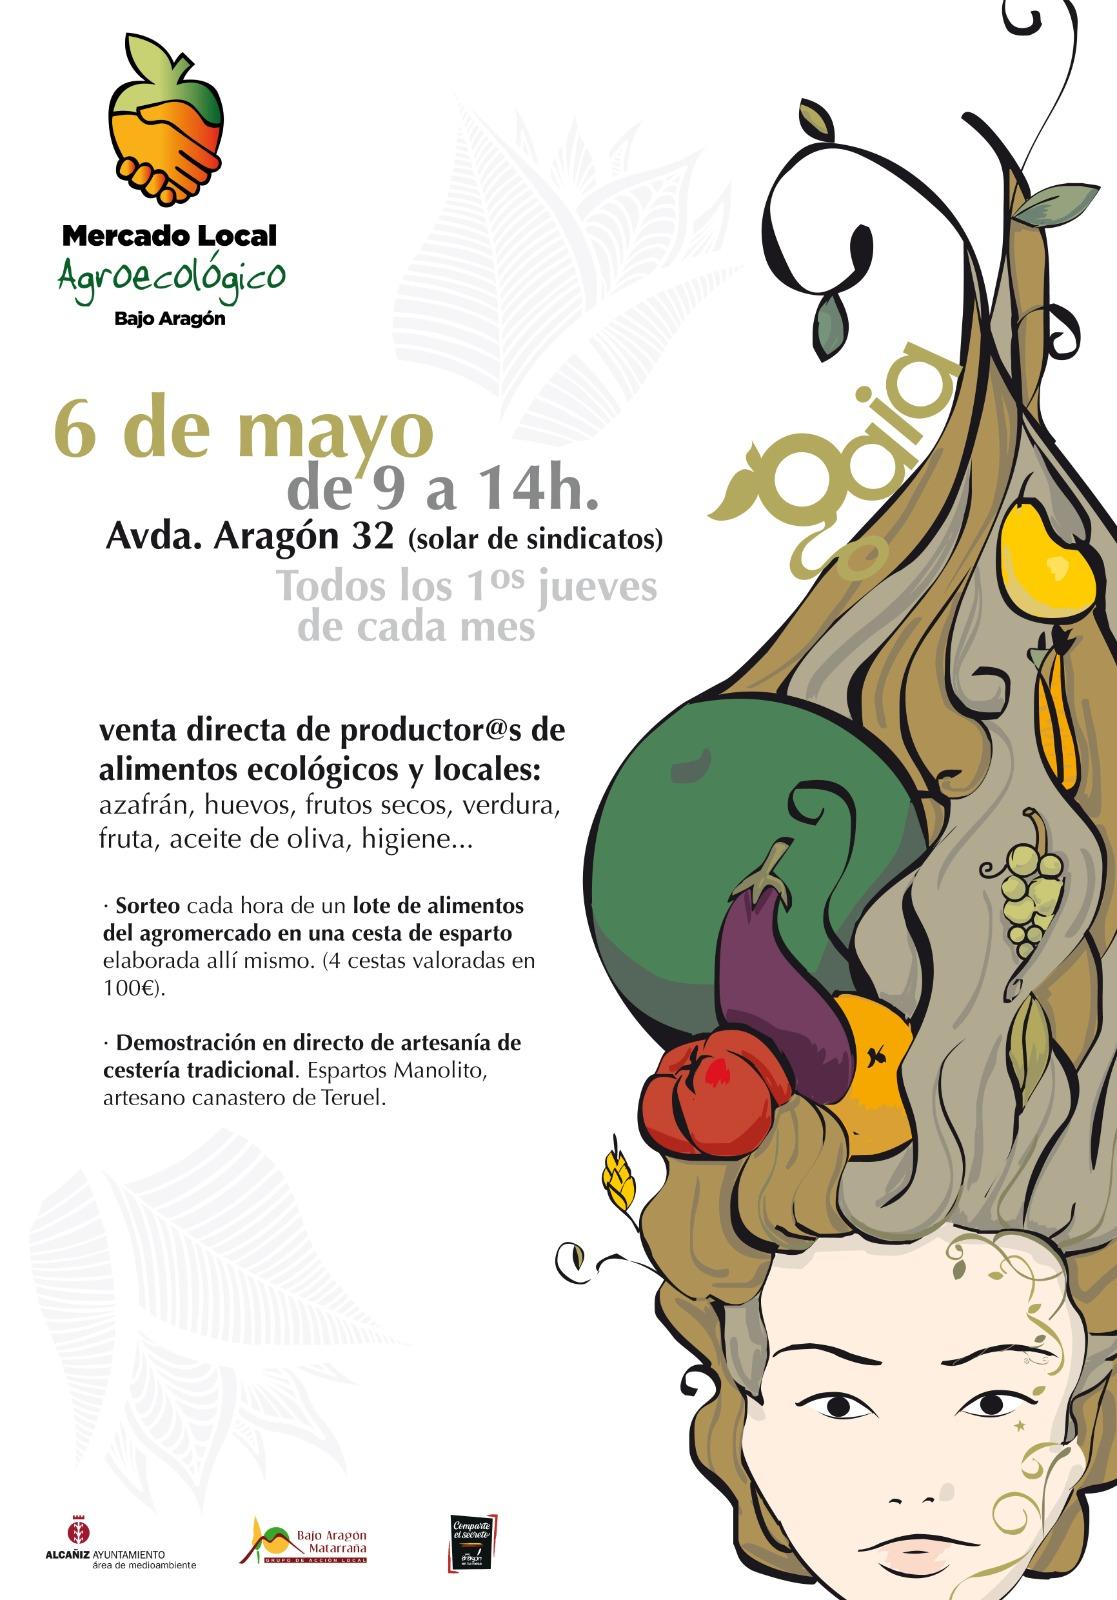 Mercado Agroecológico Bajo Aragón